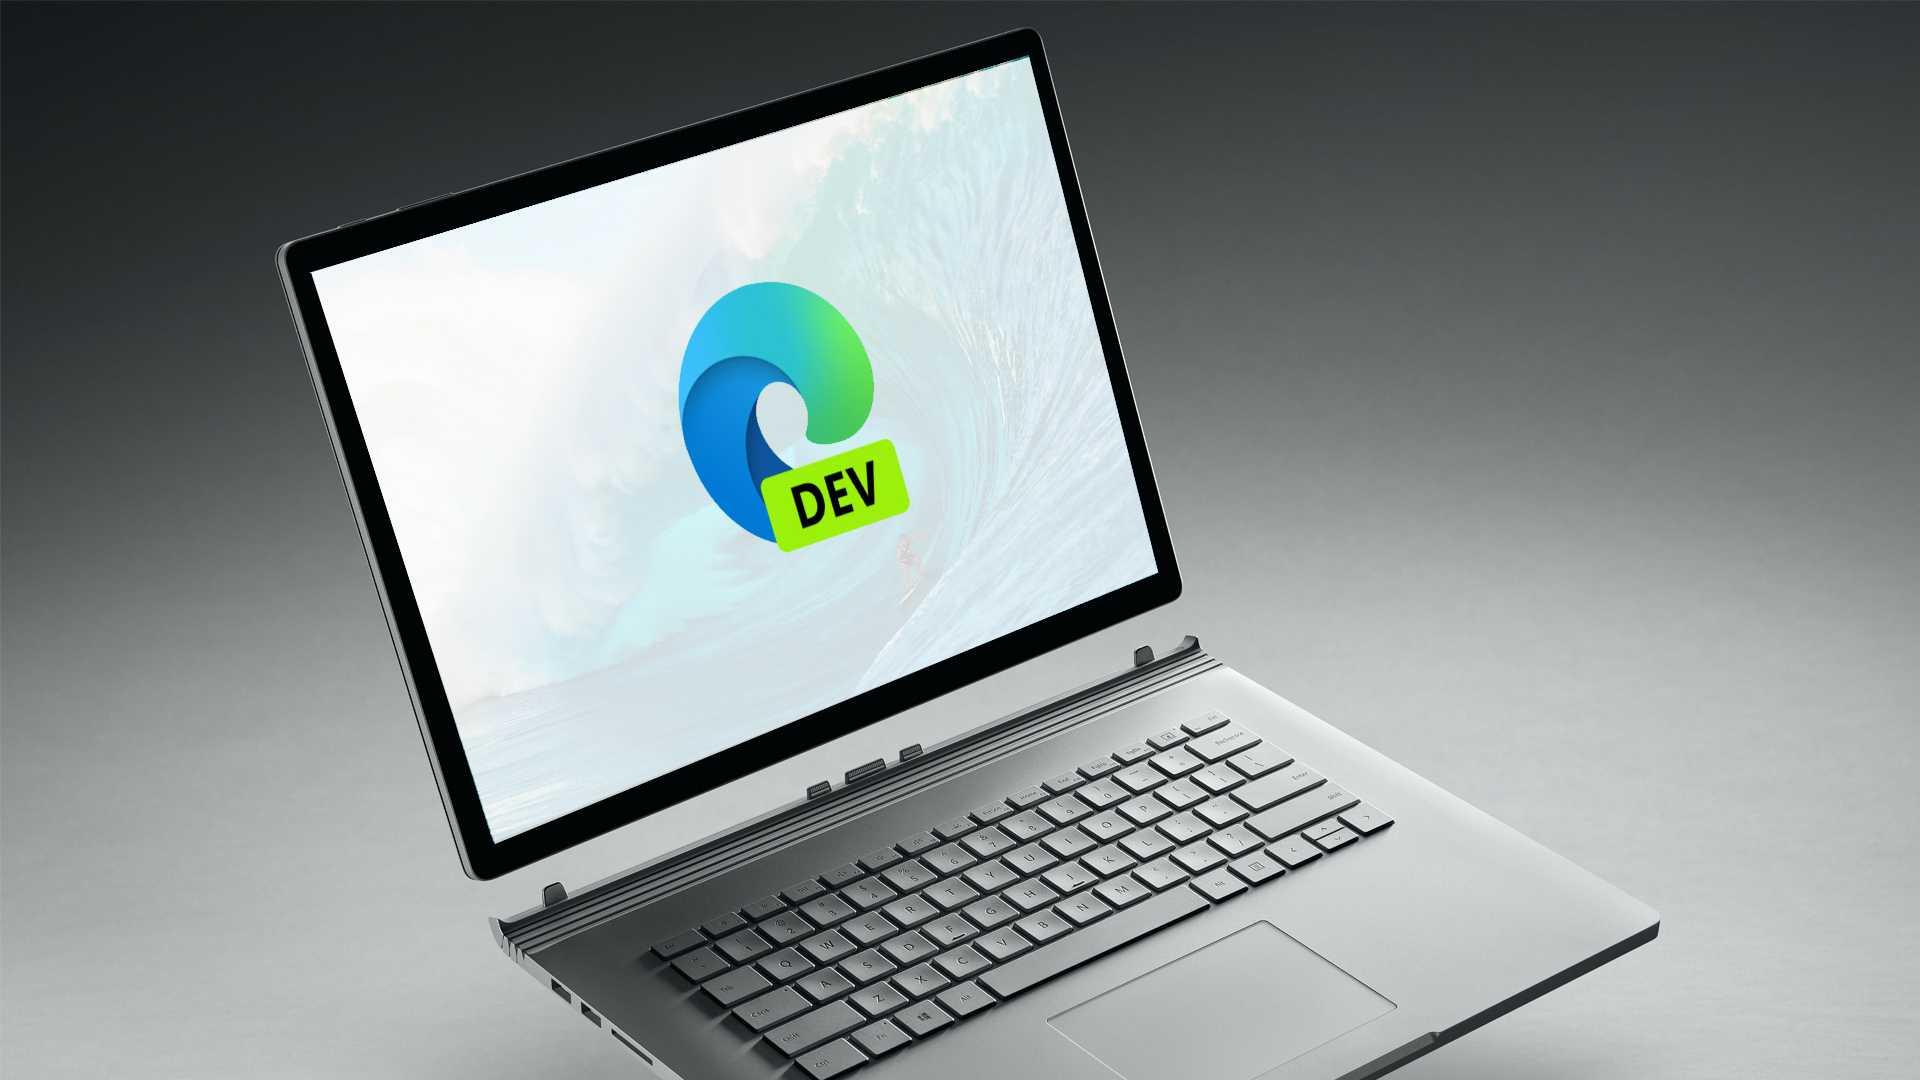 Microsoft Edge Dev est mis à jour vers la version 90.0.796.0